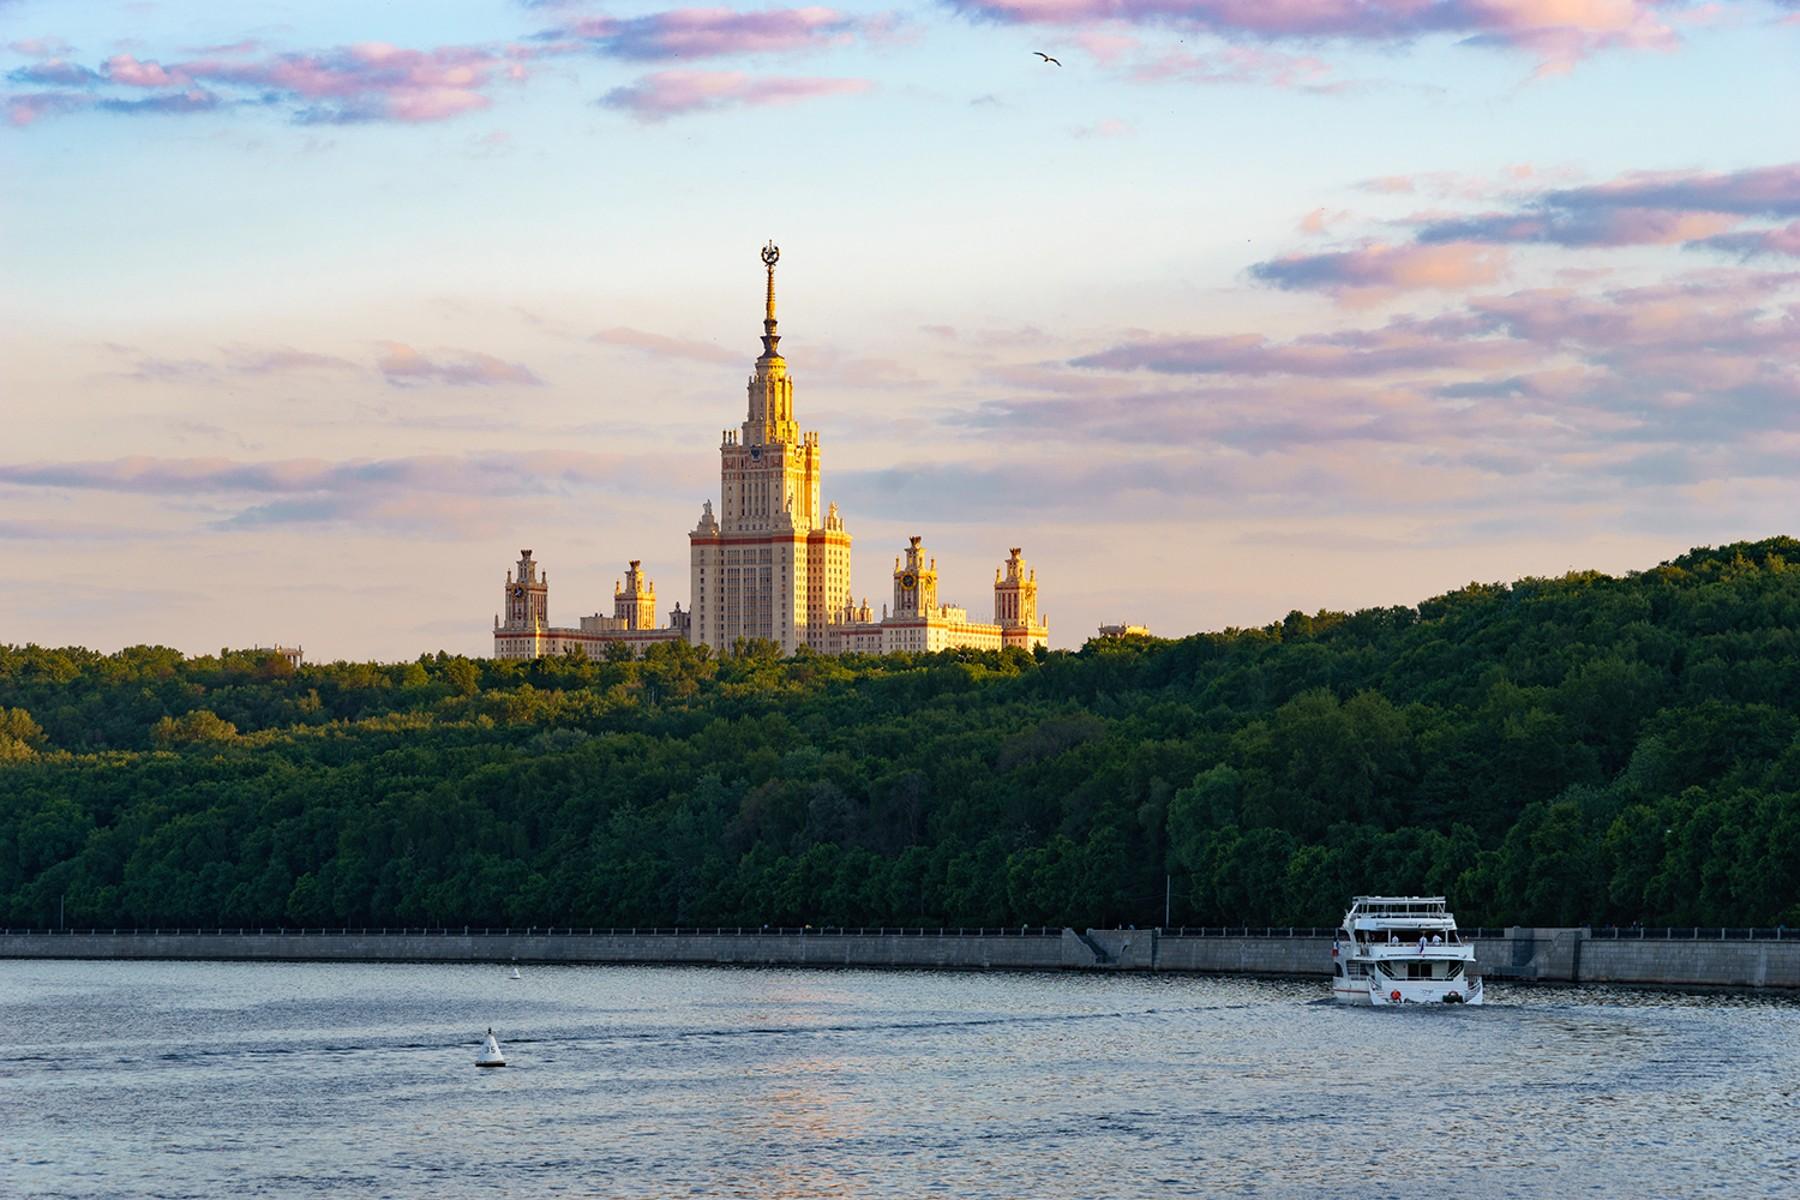 планируете посетить, воробьевы горы москва река фото нас племянников счесть